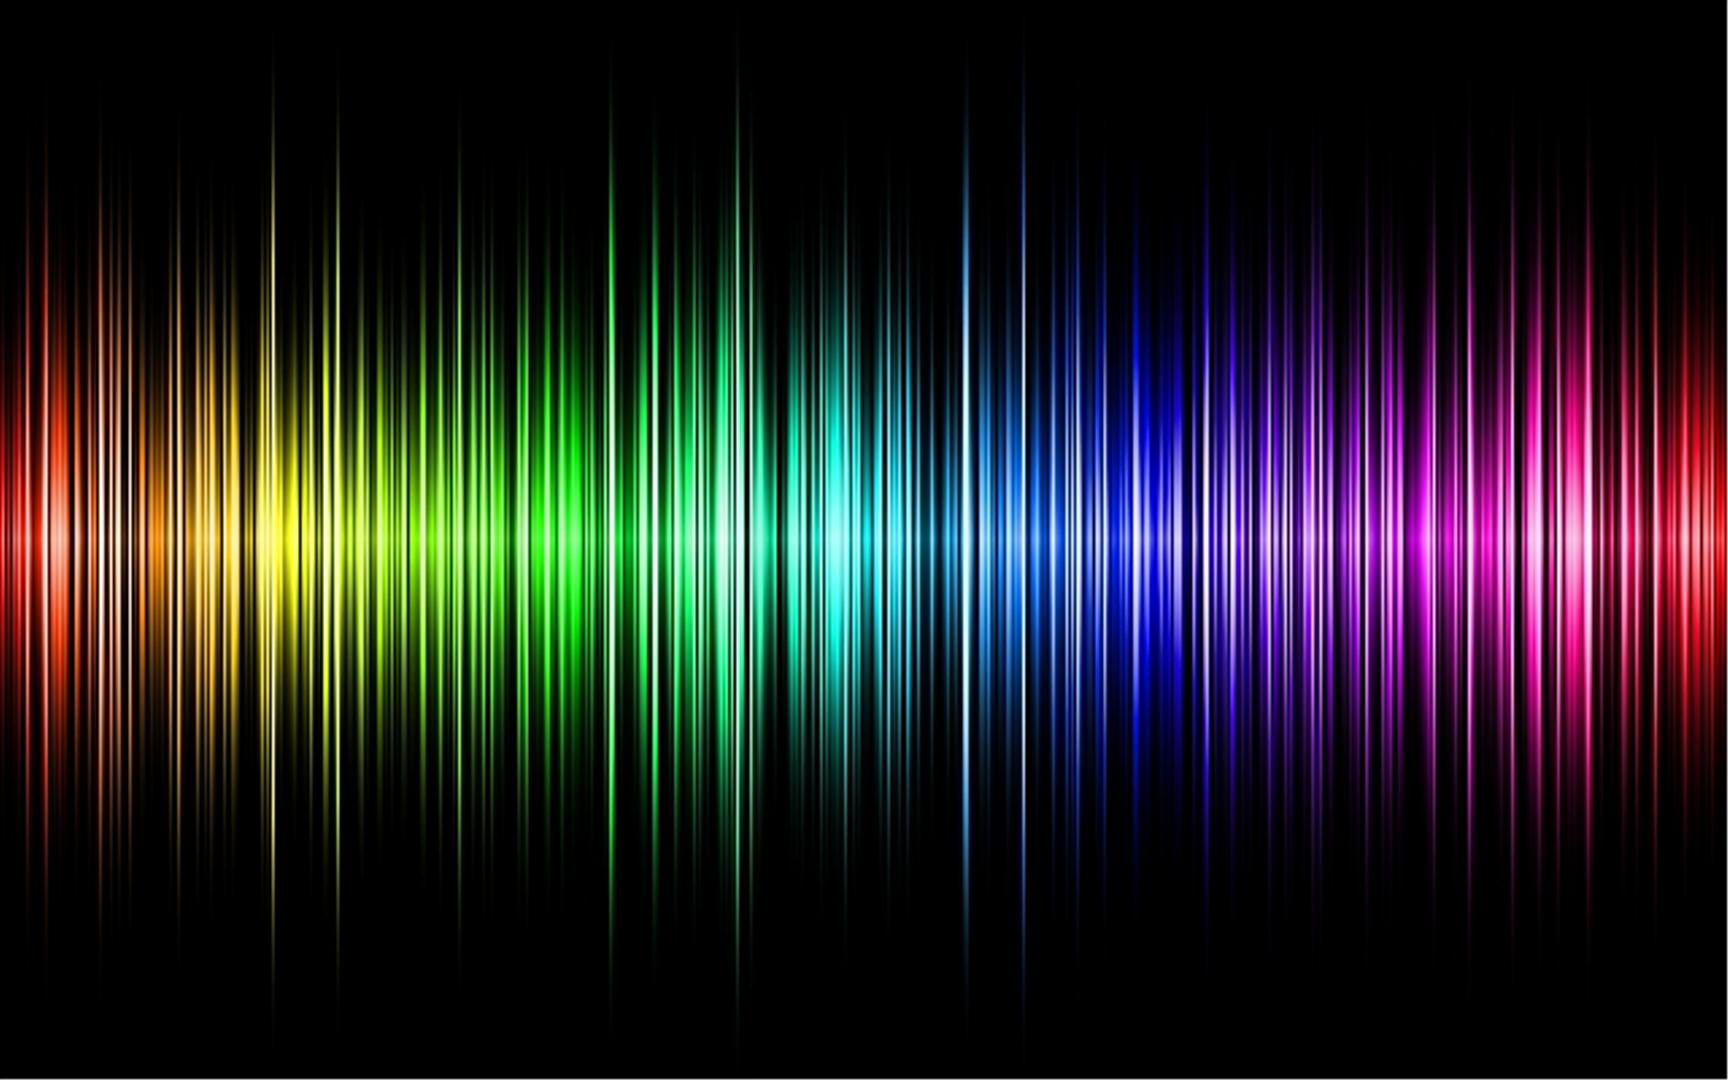 diffraction-grating.jpg